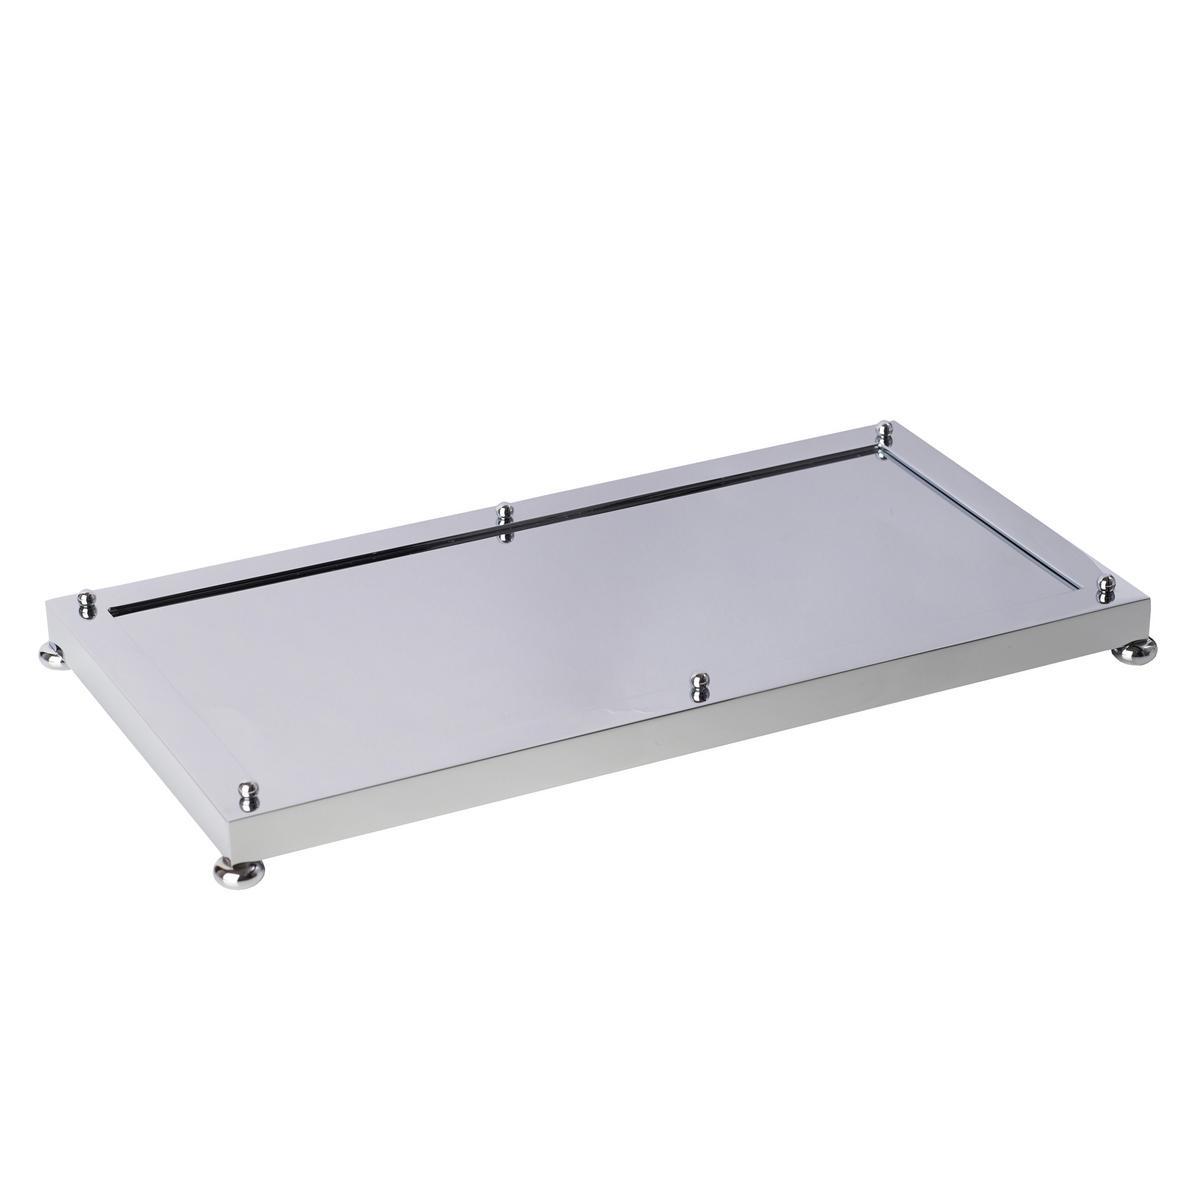 cristal et bronze chrome tray. Black Bedroom Furniture Sets. Home Design Ideas